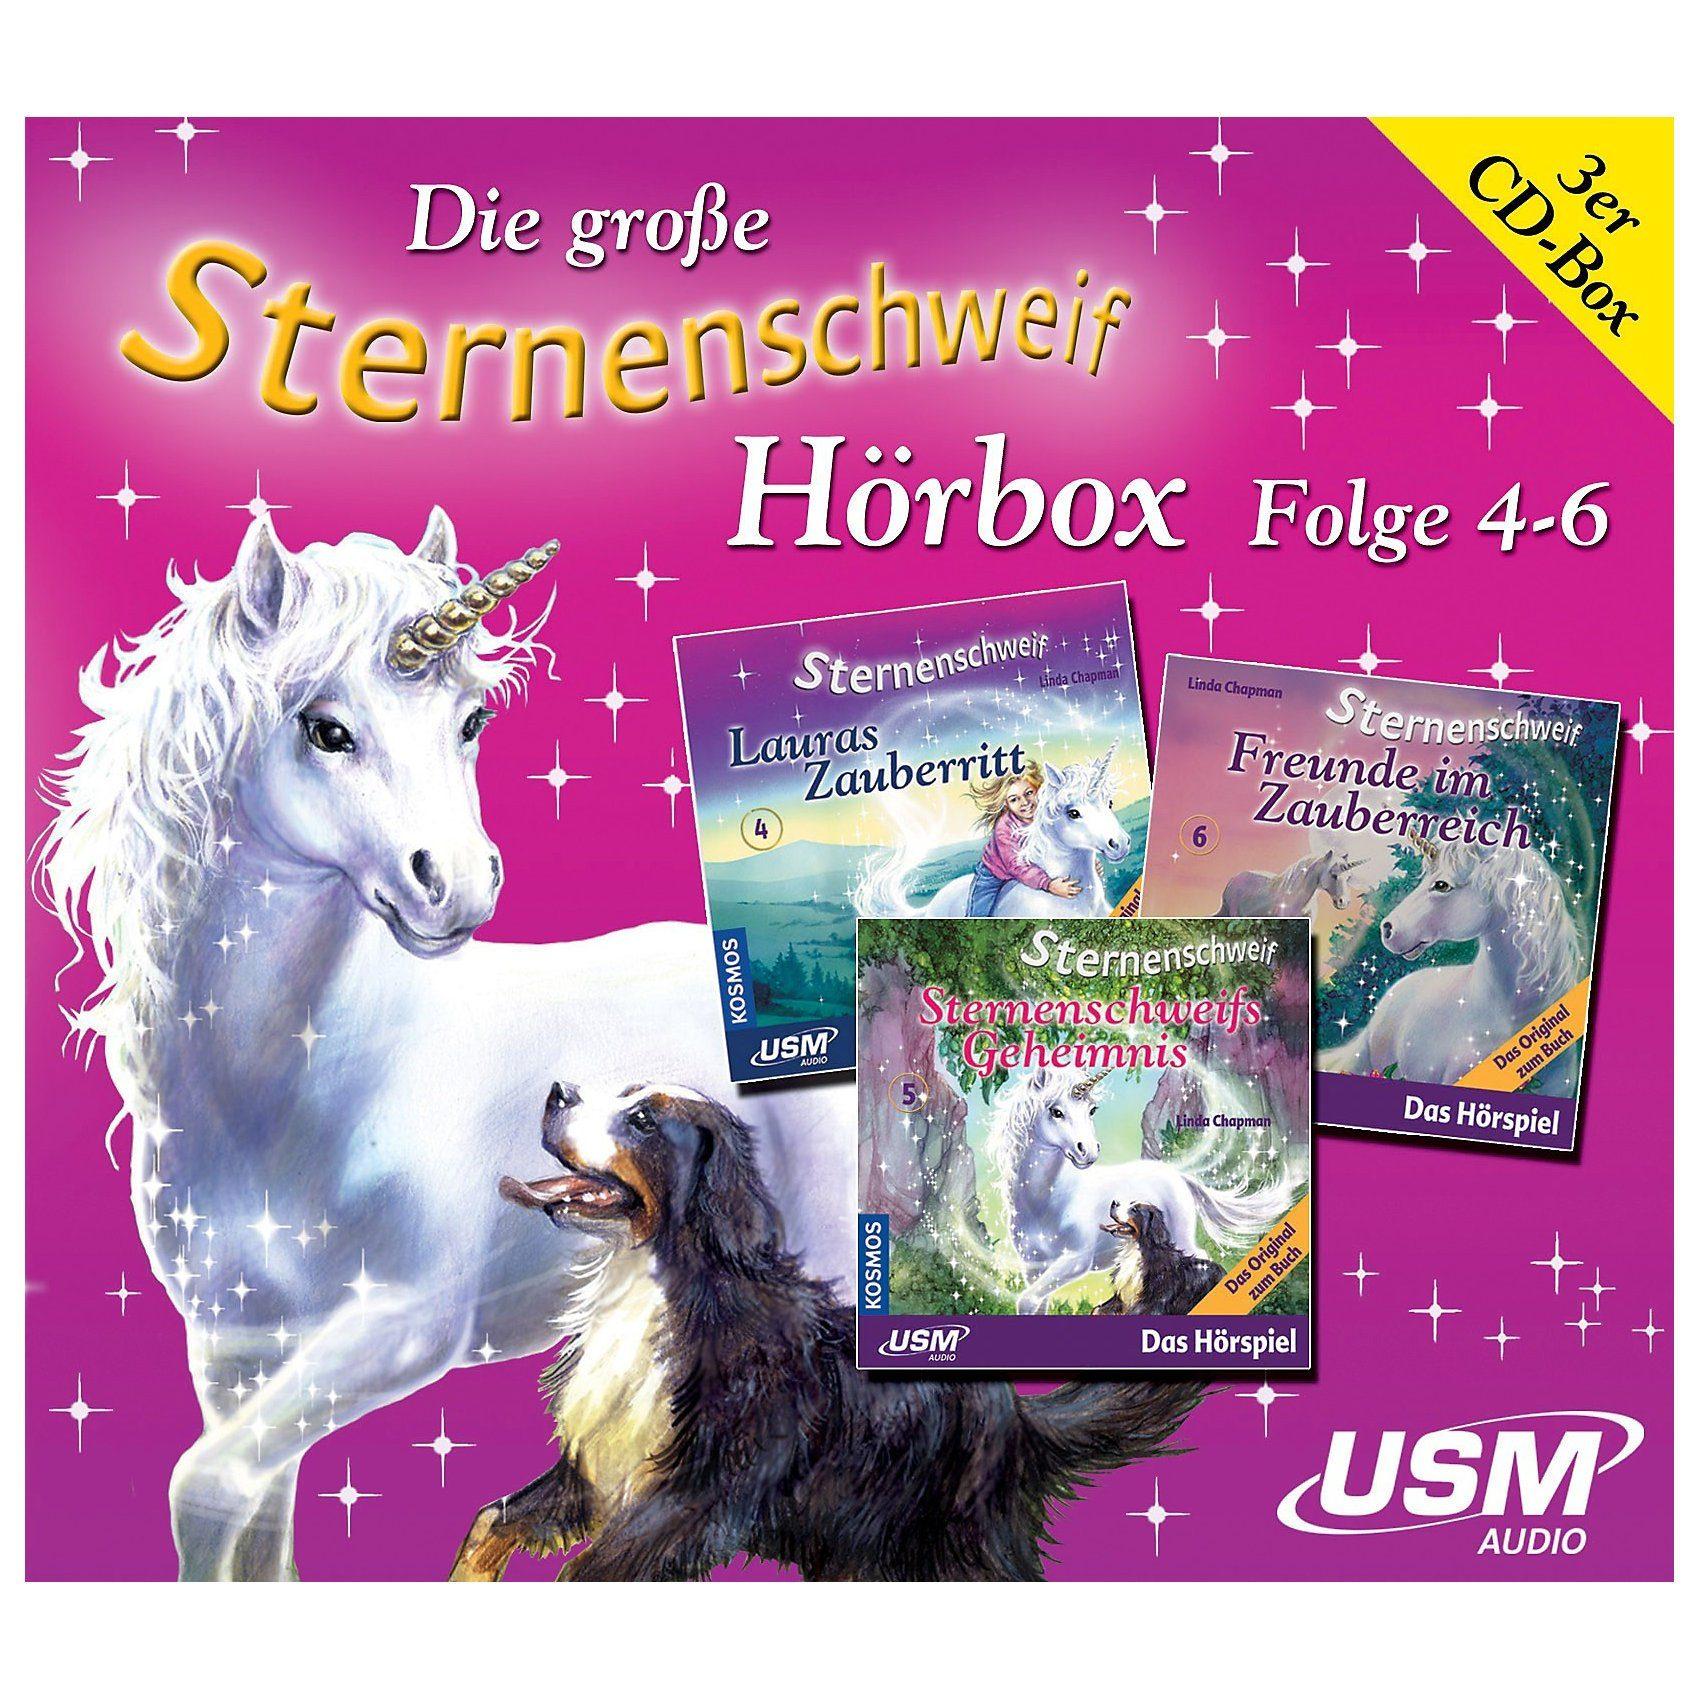 CD Die grosse Sternenschweif Hörbox Folge 4-6 (3CDs)